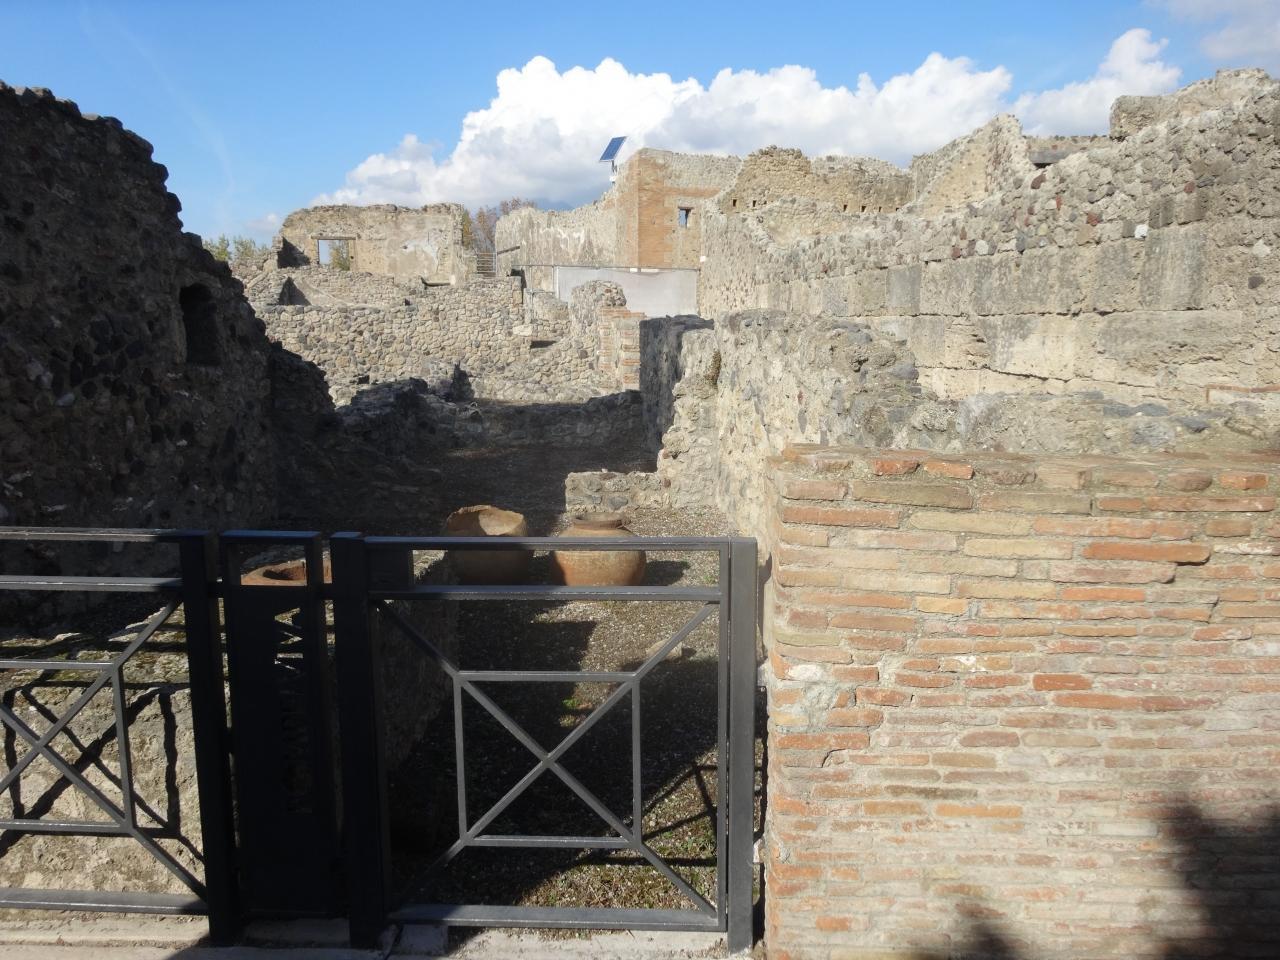 ポンペイ、ヘルクラネウム及びトッレ・アンヌンツィアータの遺跡地域の画像 p1_22